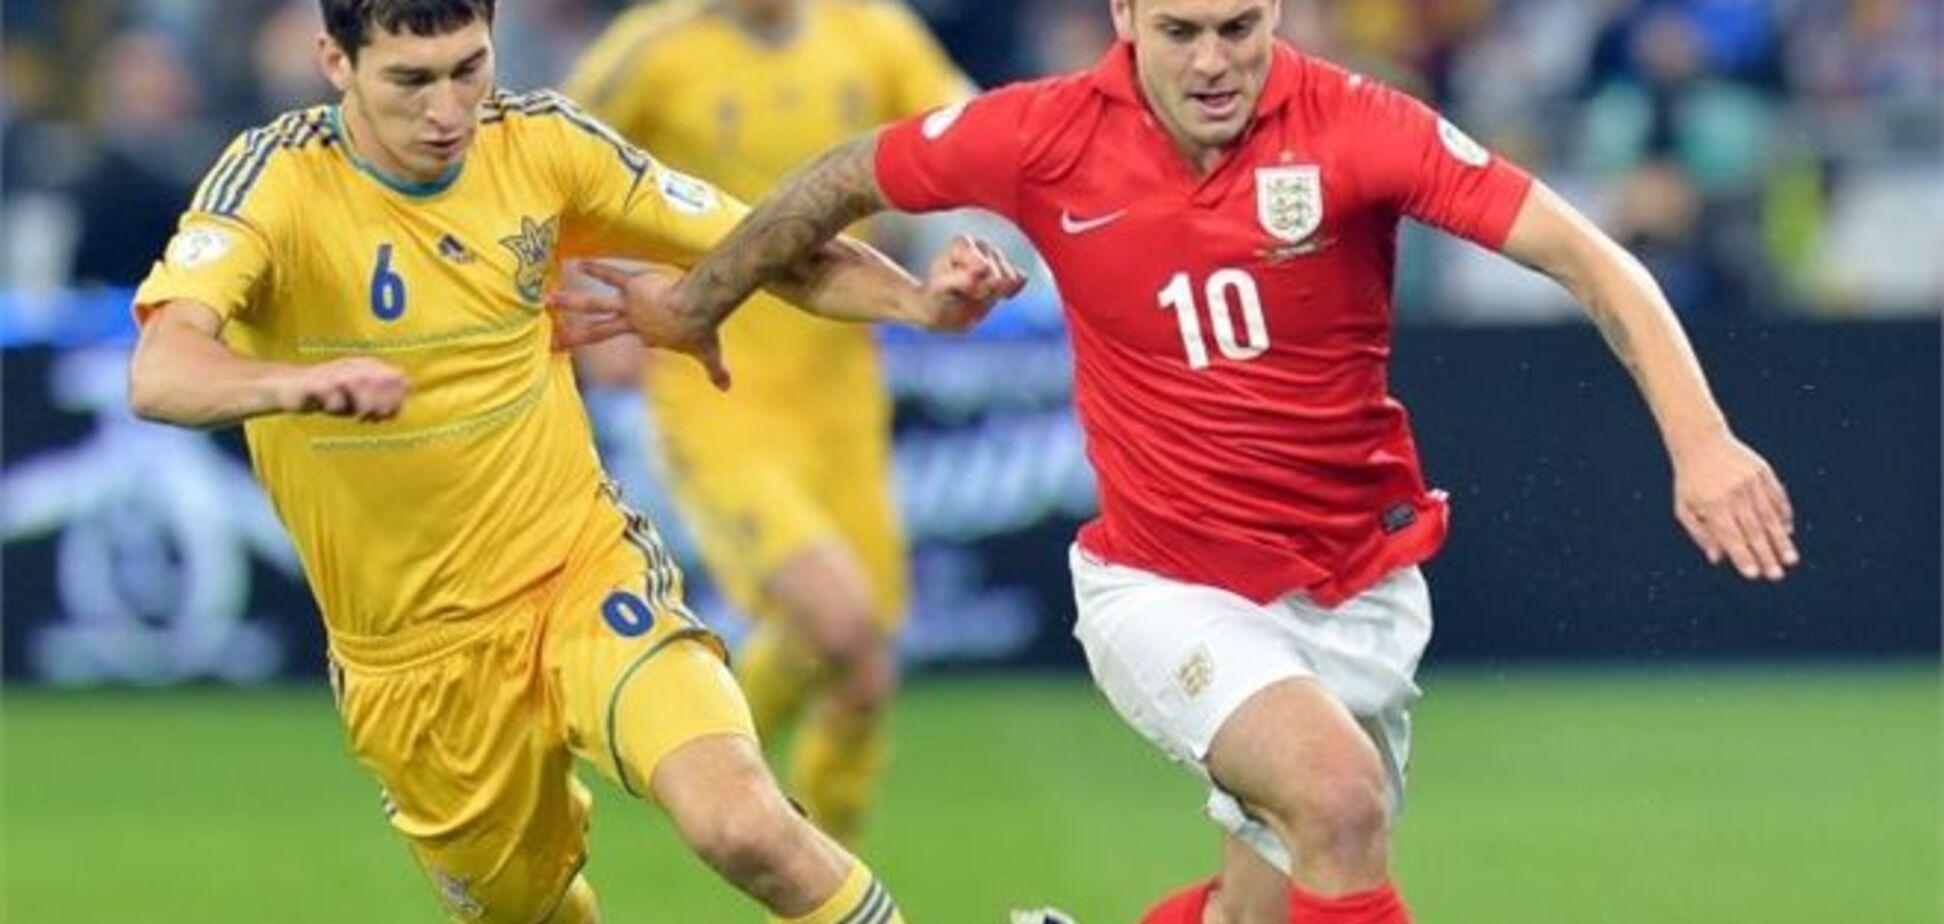 ЧМ-2014. Украина и Англия сыграли без победителя